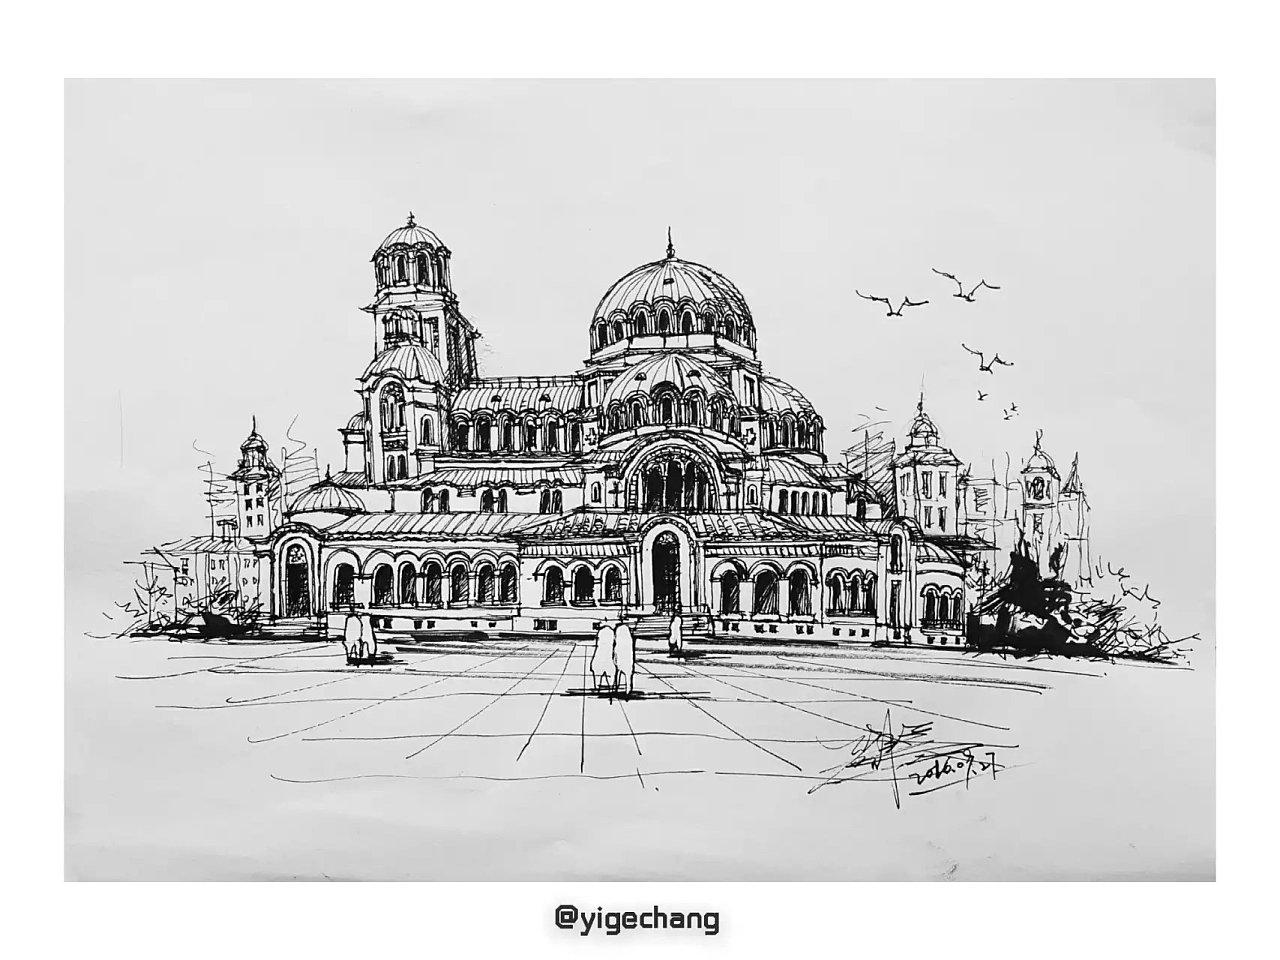 建筑 手绘|插画|插画习作|壹个畅 - 原创作品 - 站酷